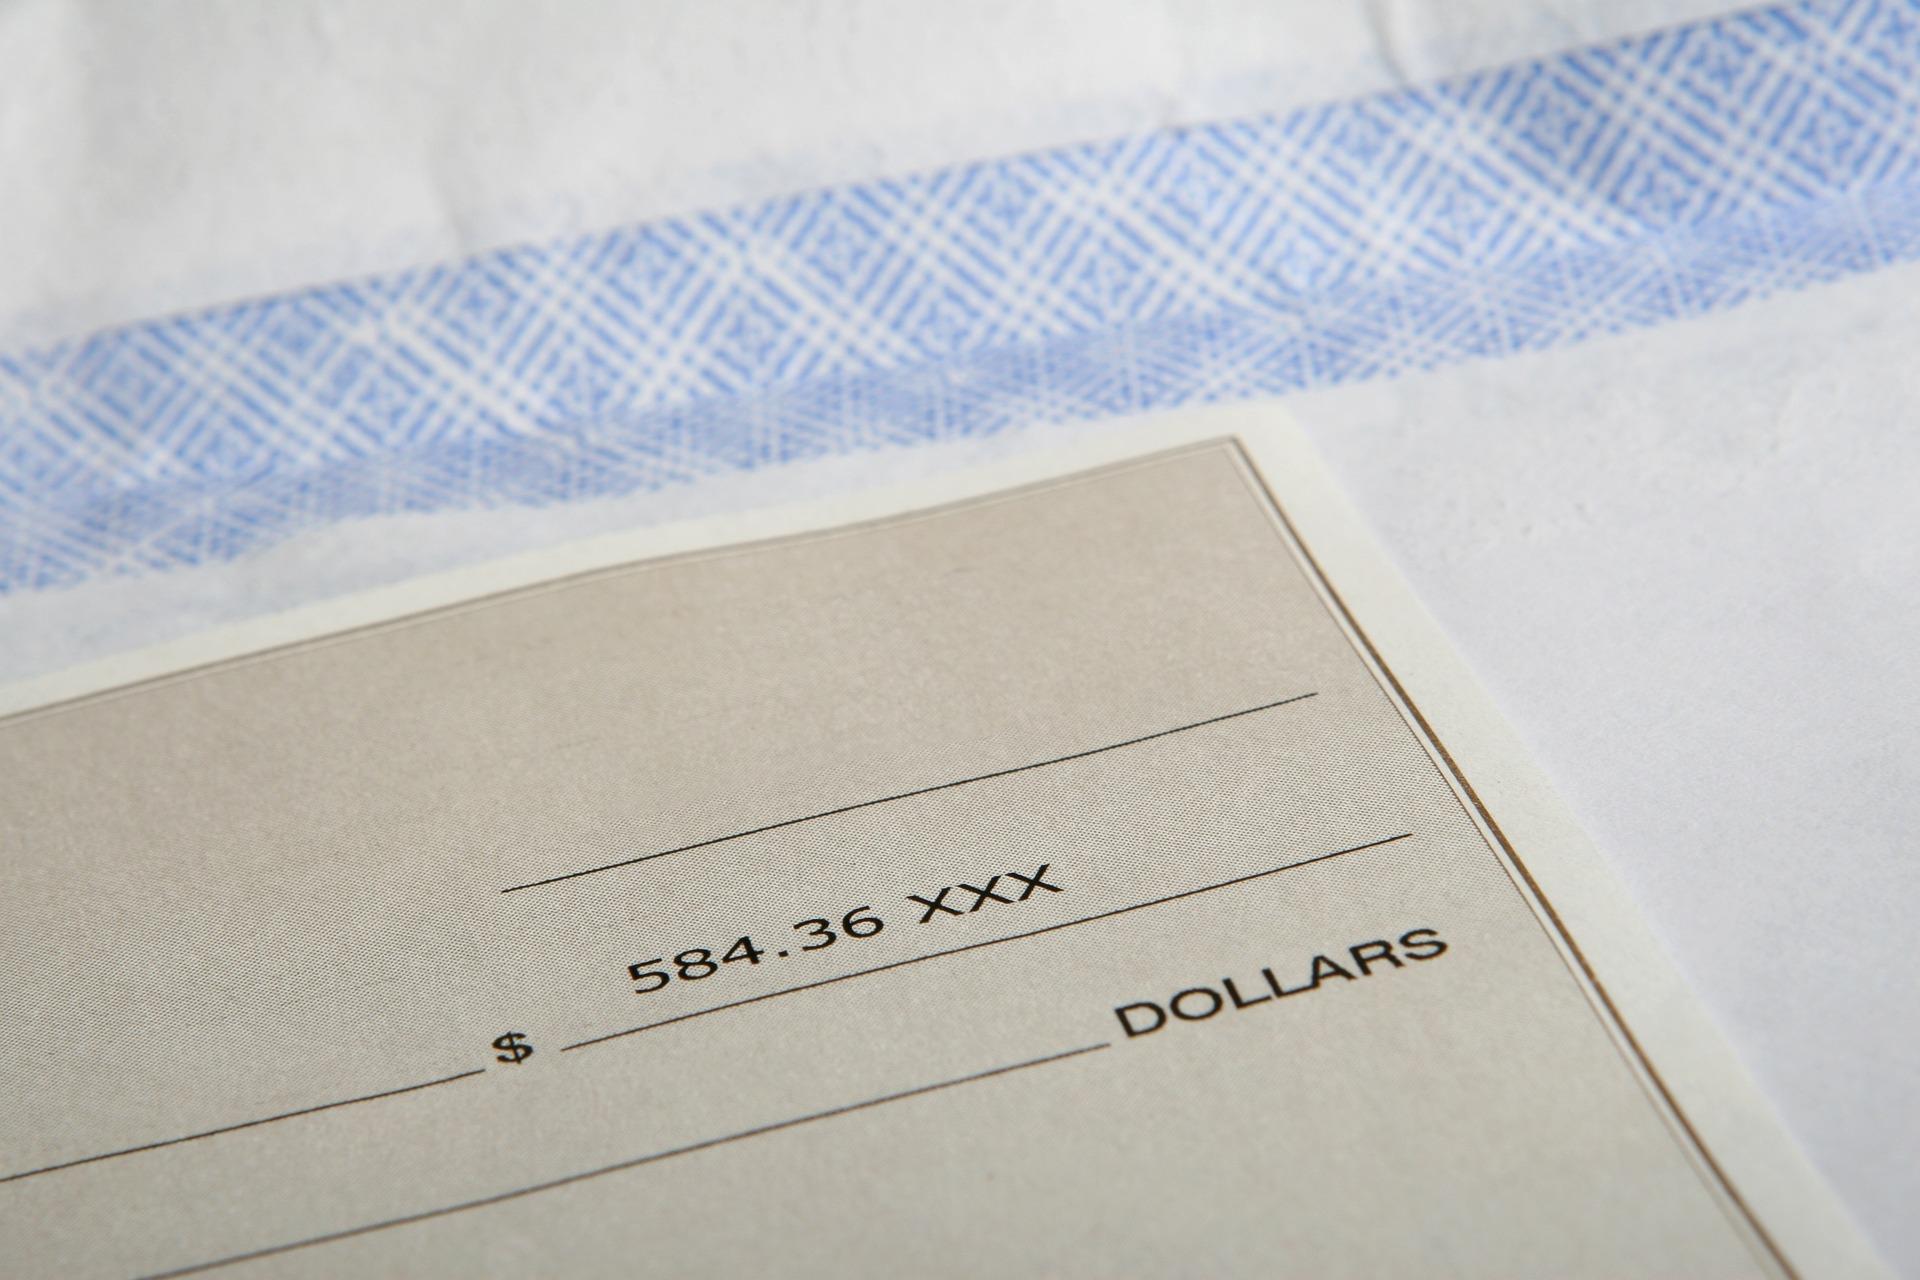 Cheque enclosed